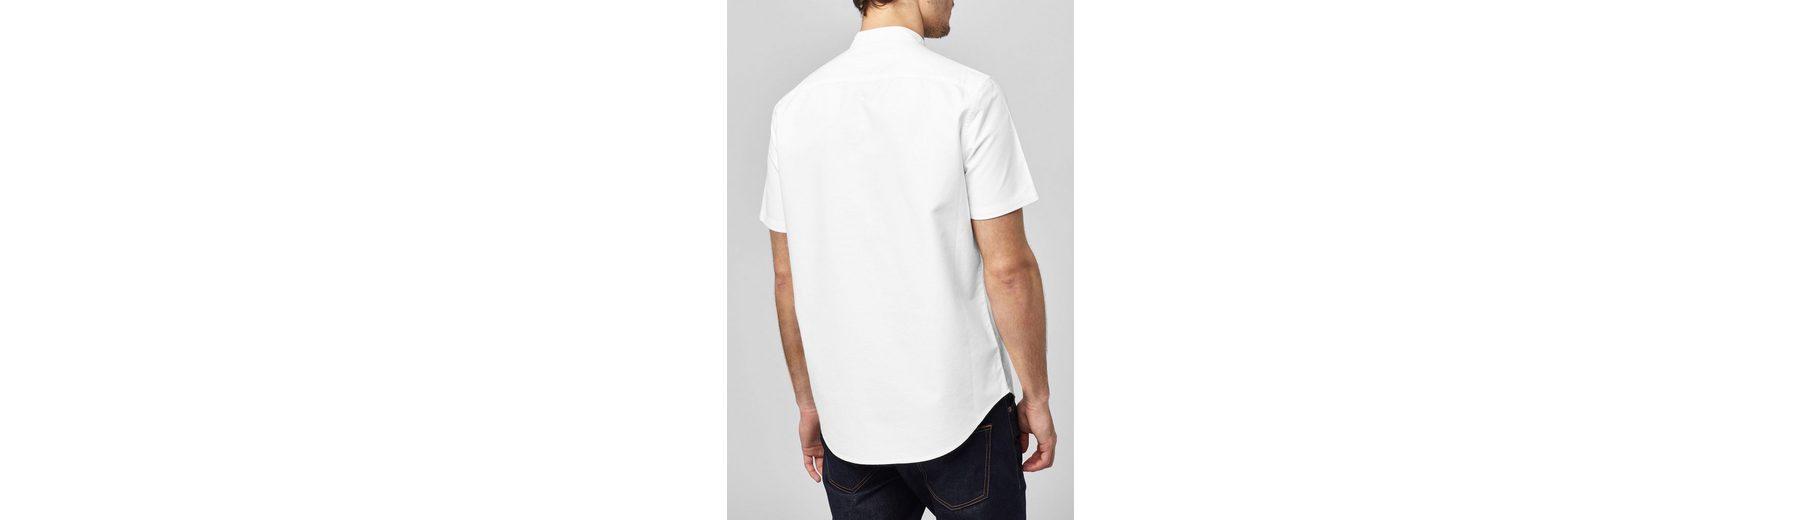 Next Kurzärmeliges Oxford-Shirt mit Knopfleiste Verkauf Zahlen Mit Paypal Verkauf Des Niedrigen Preises Online Freies Verschiffen 2018 Neueste vbXWh9